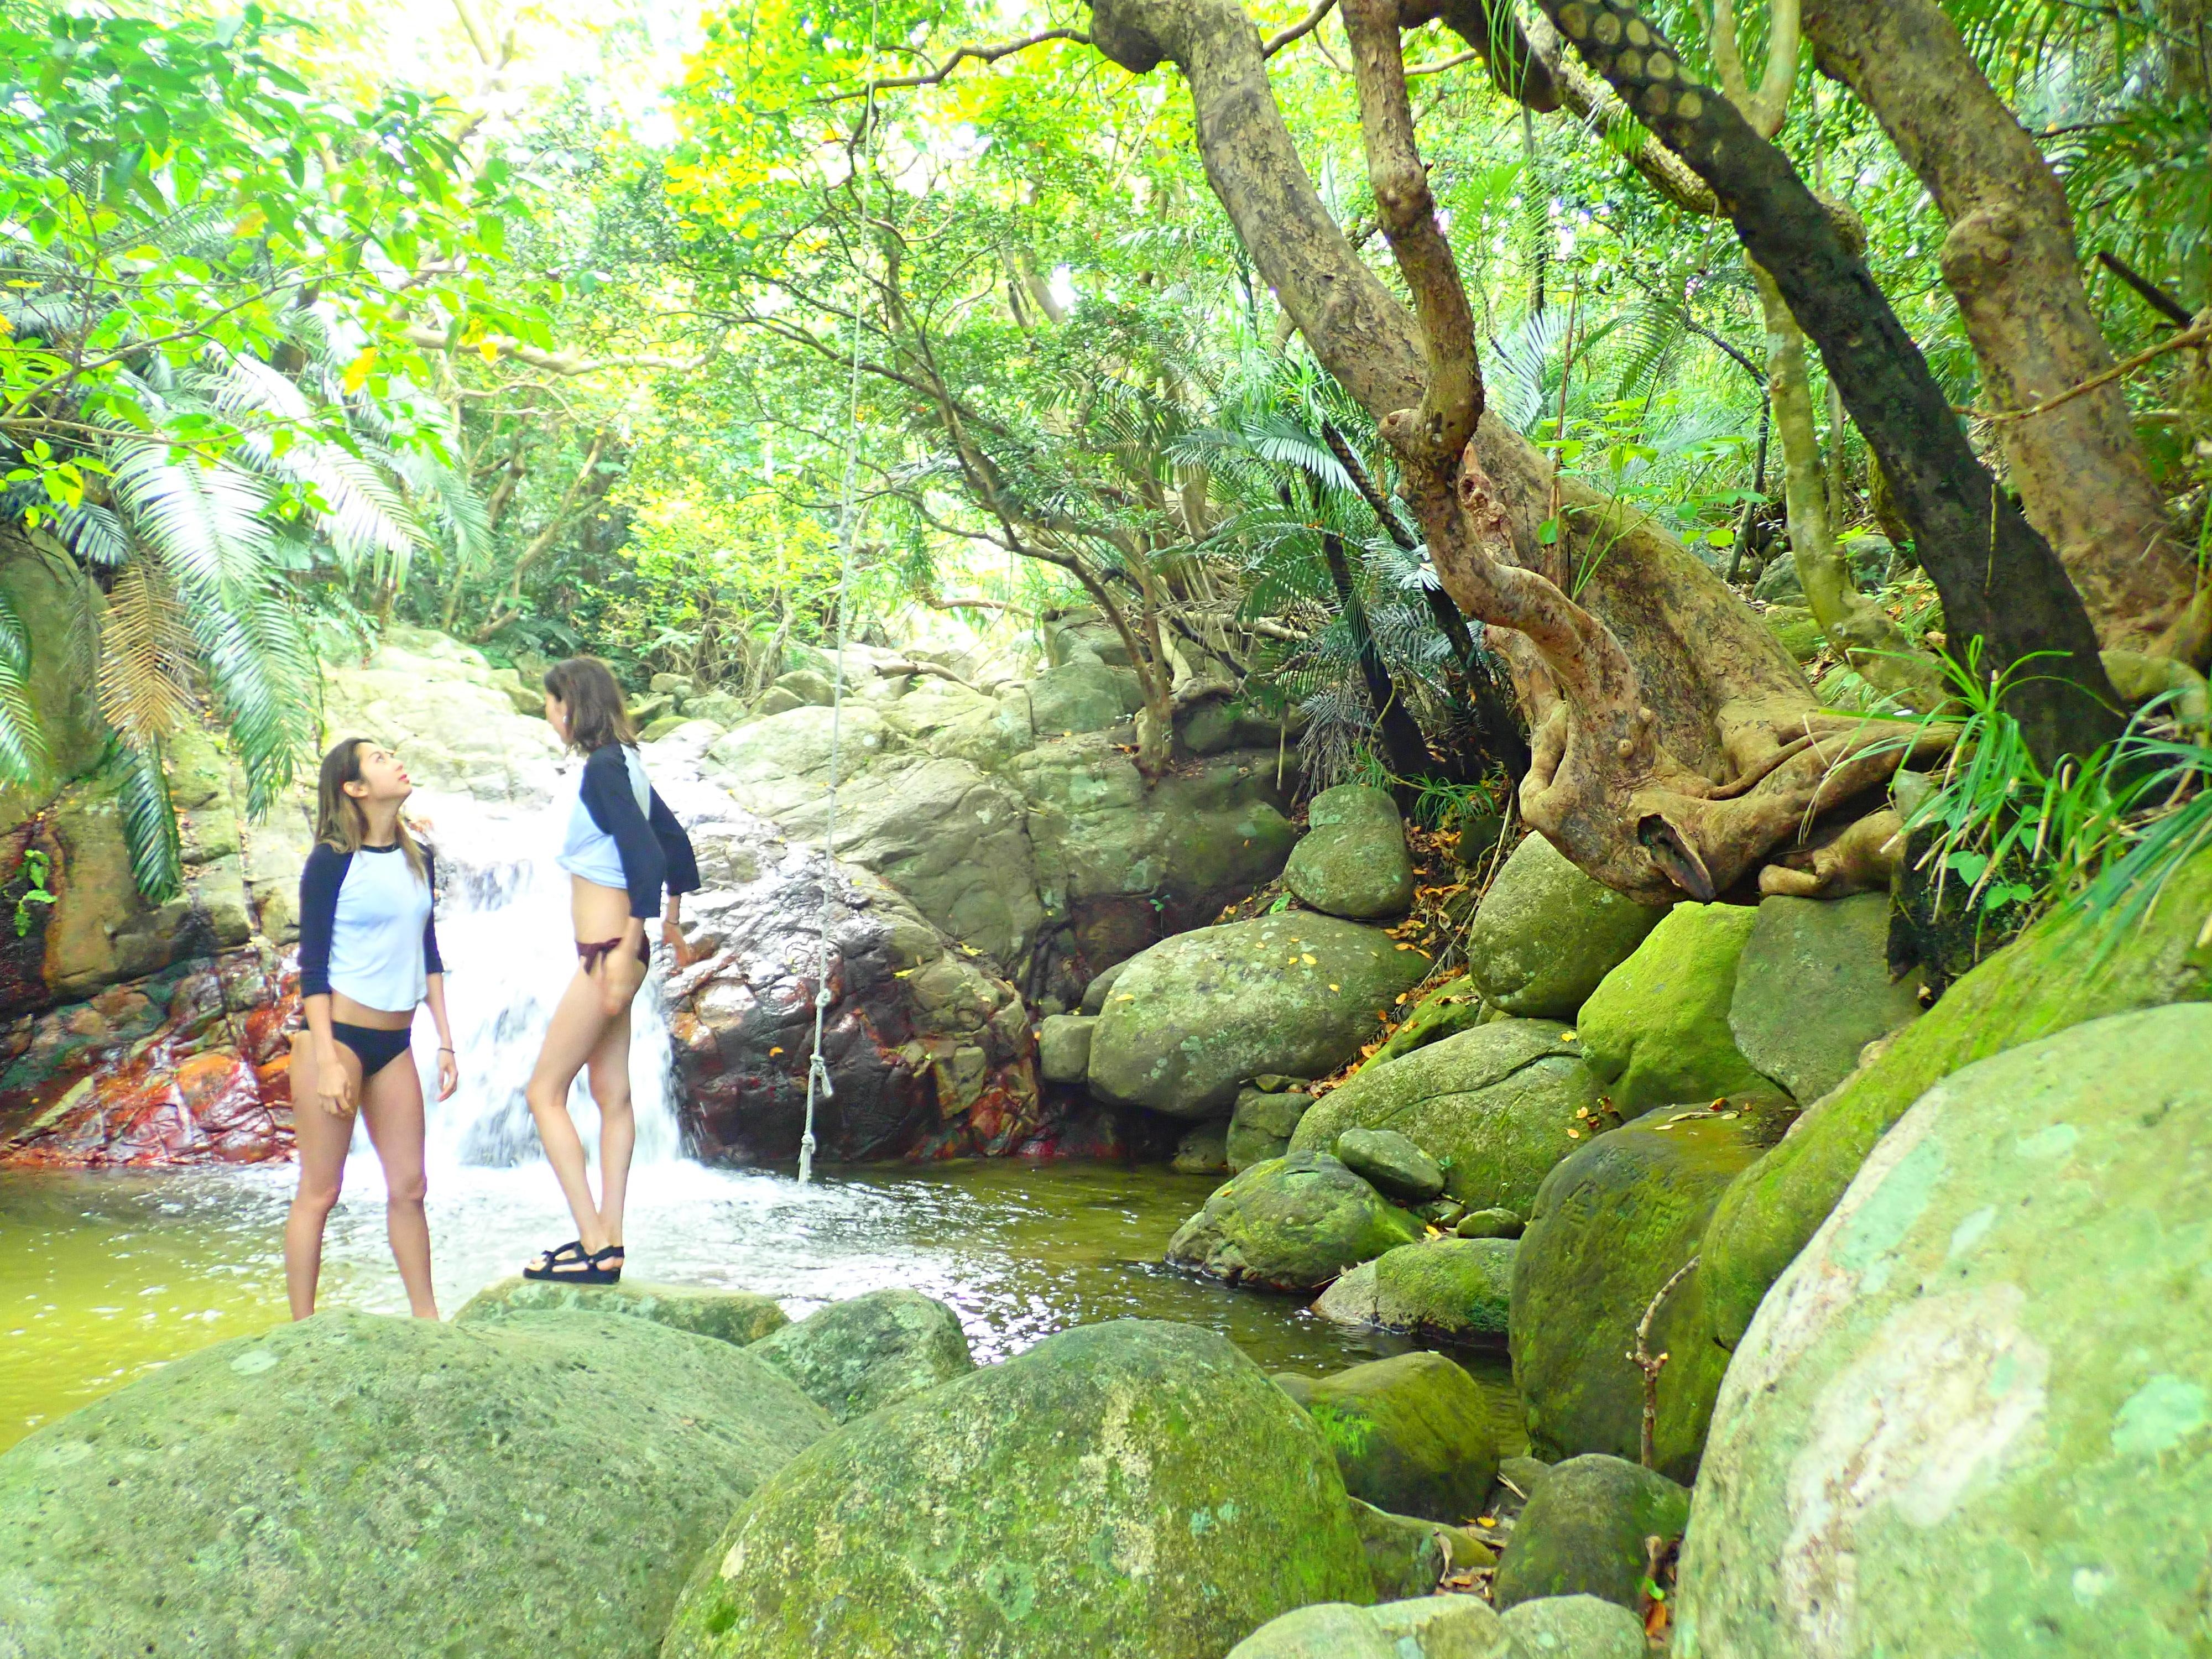 荒川の滝で自然を楽しむ女性2人